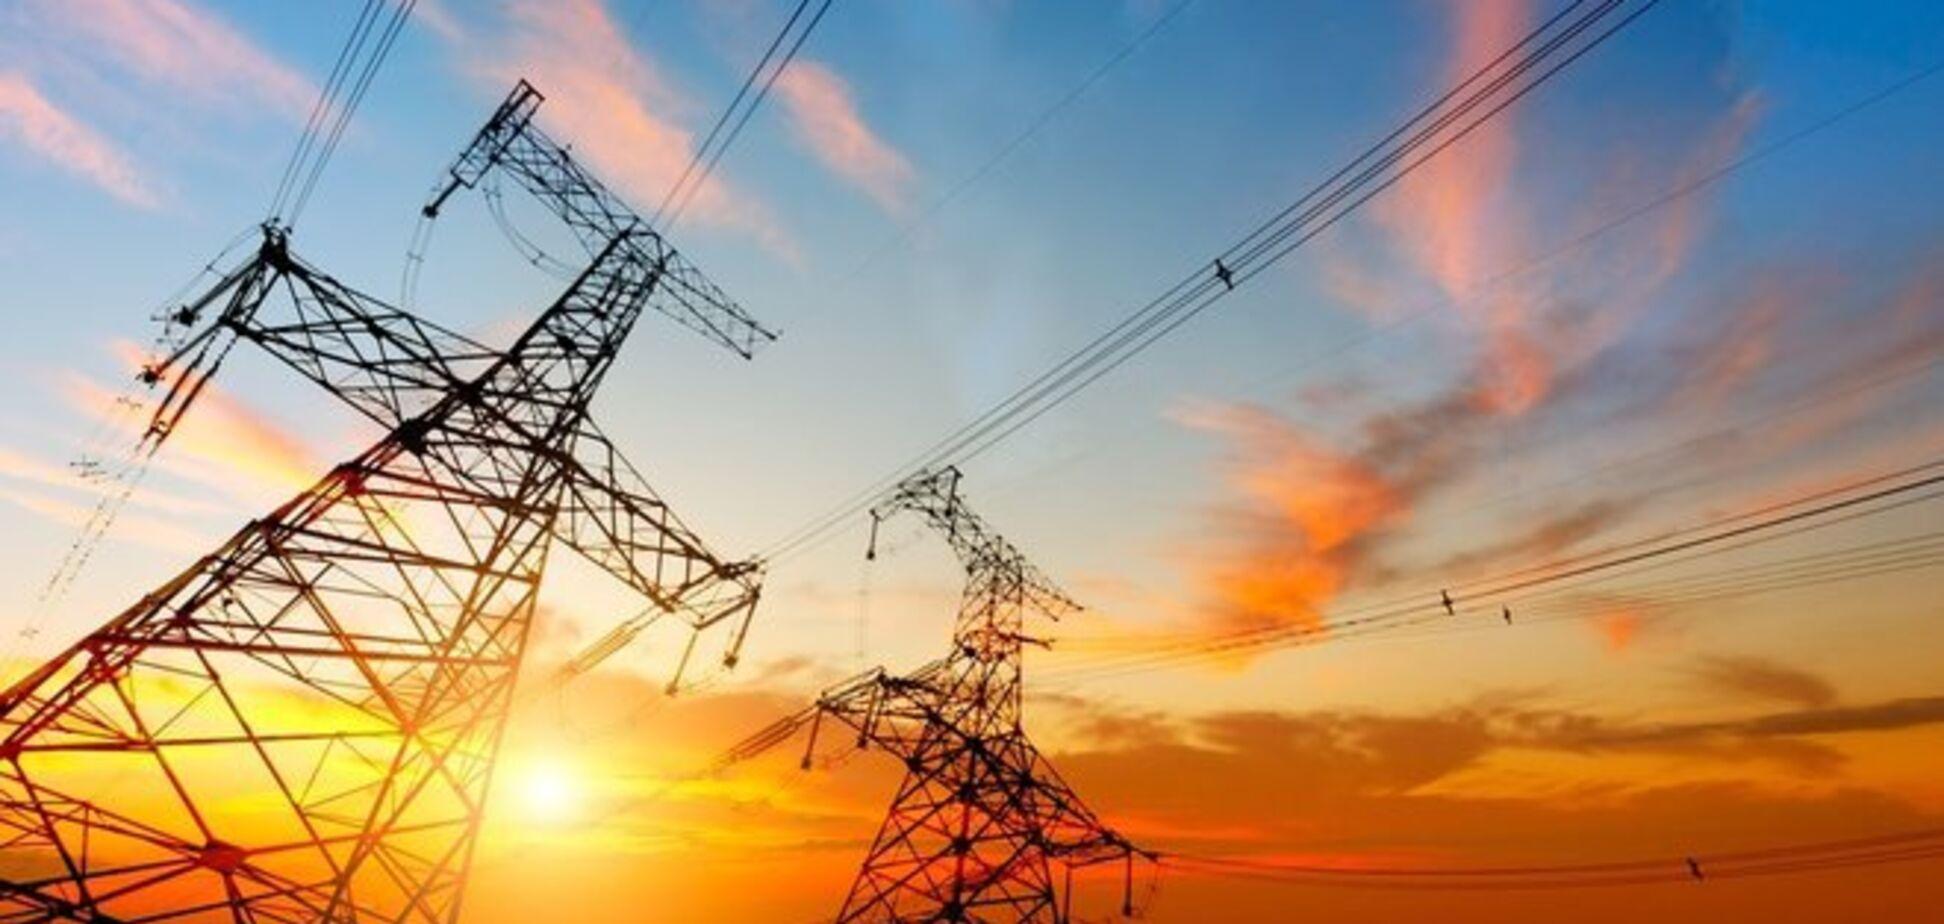 Кабмин одобрил выделение 1,4 млрд на монетизацию льгот для домов с электрообогревом